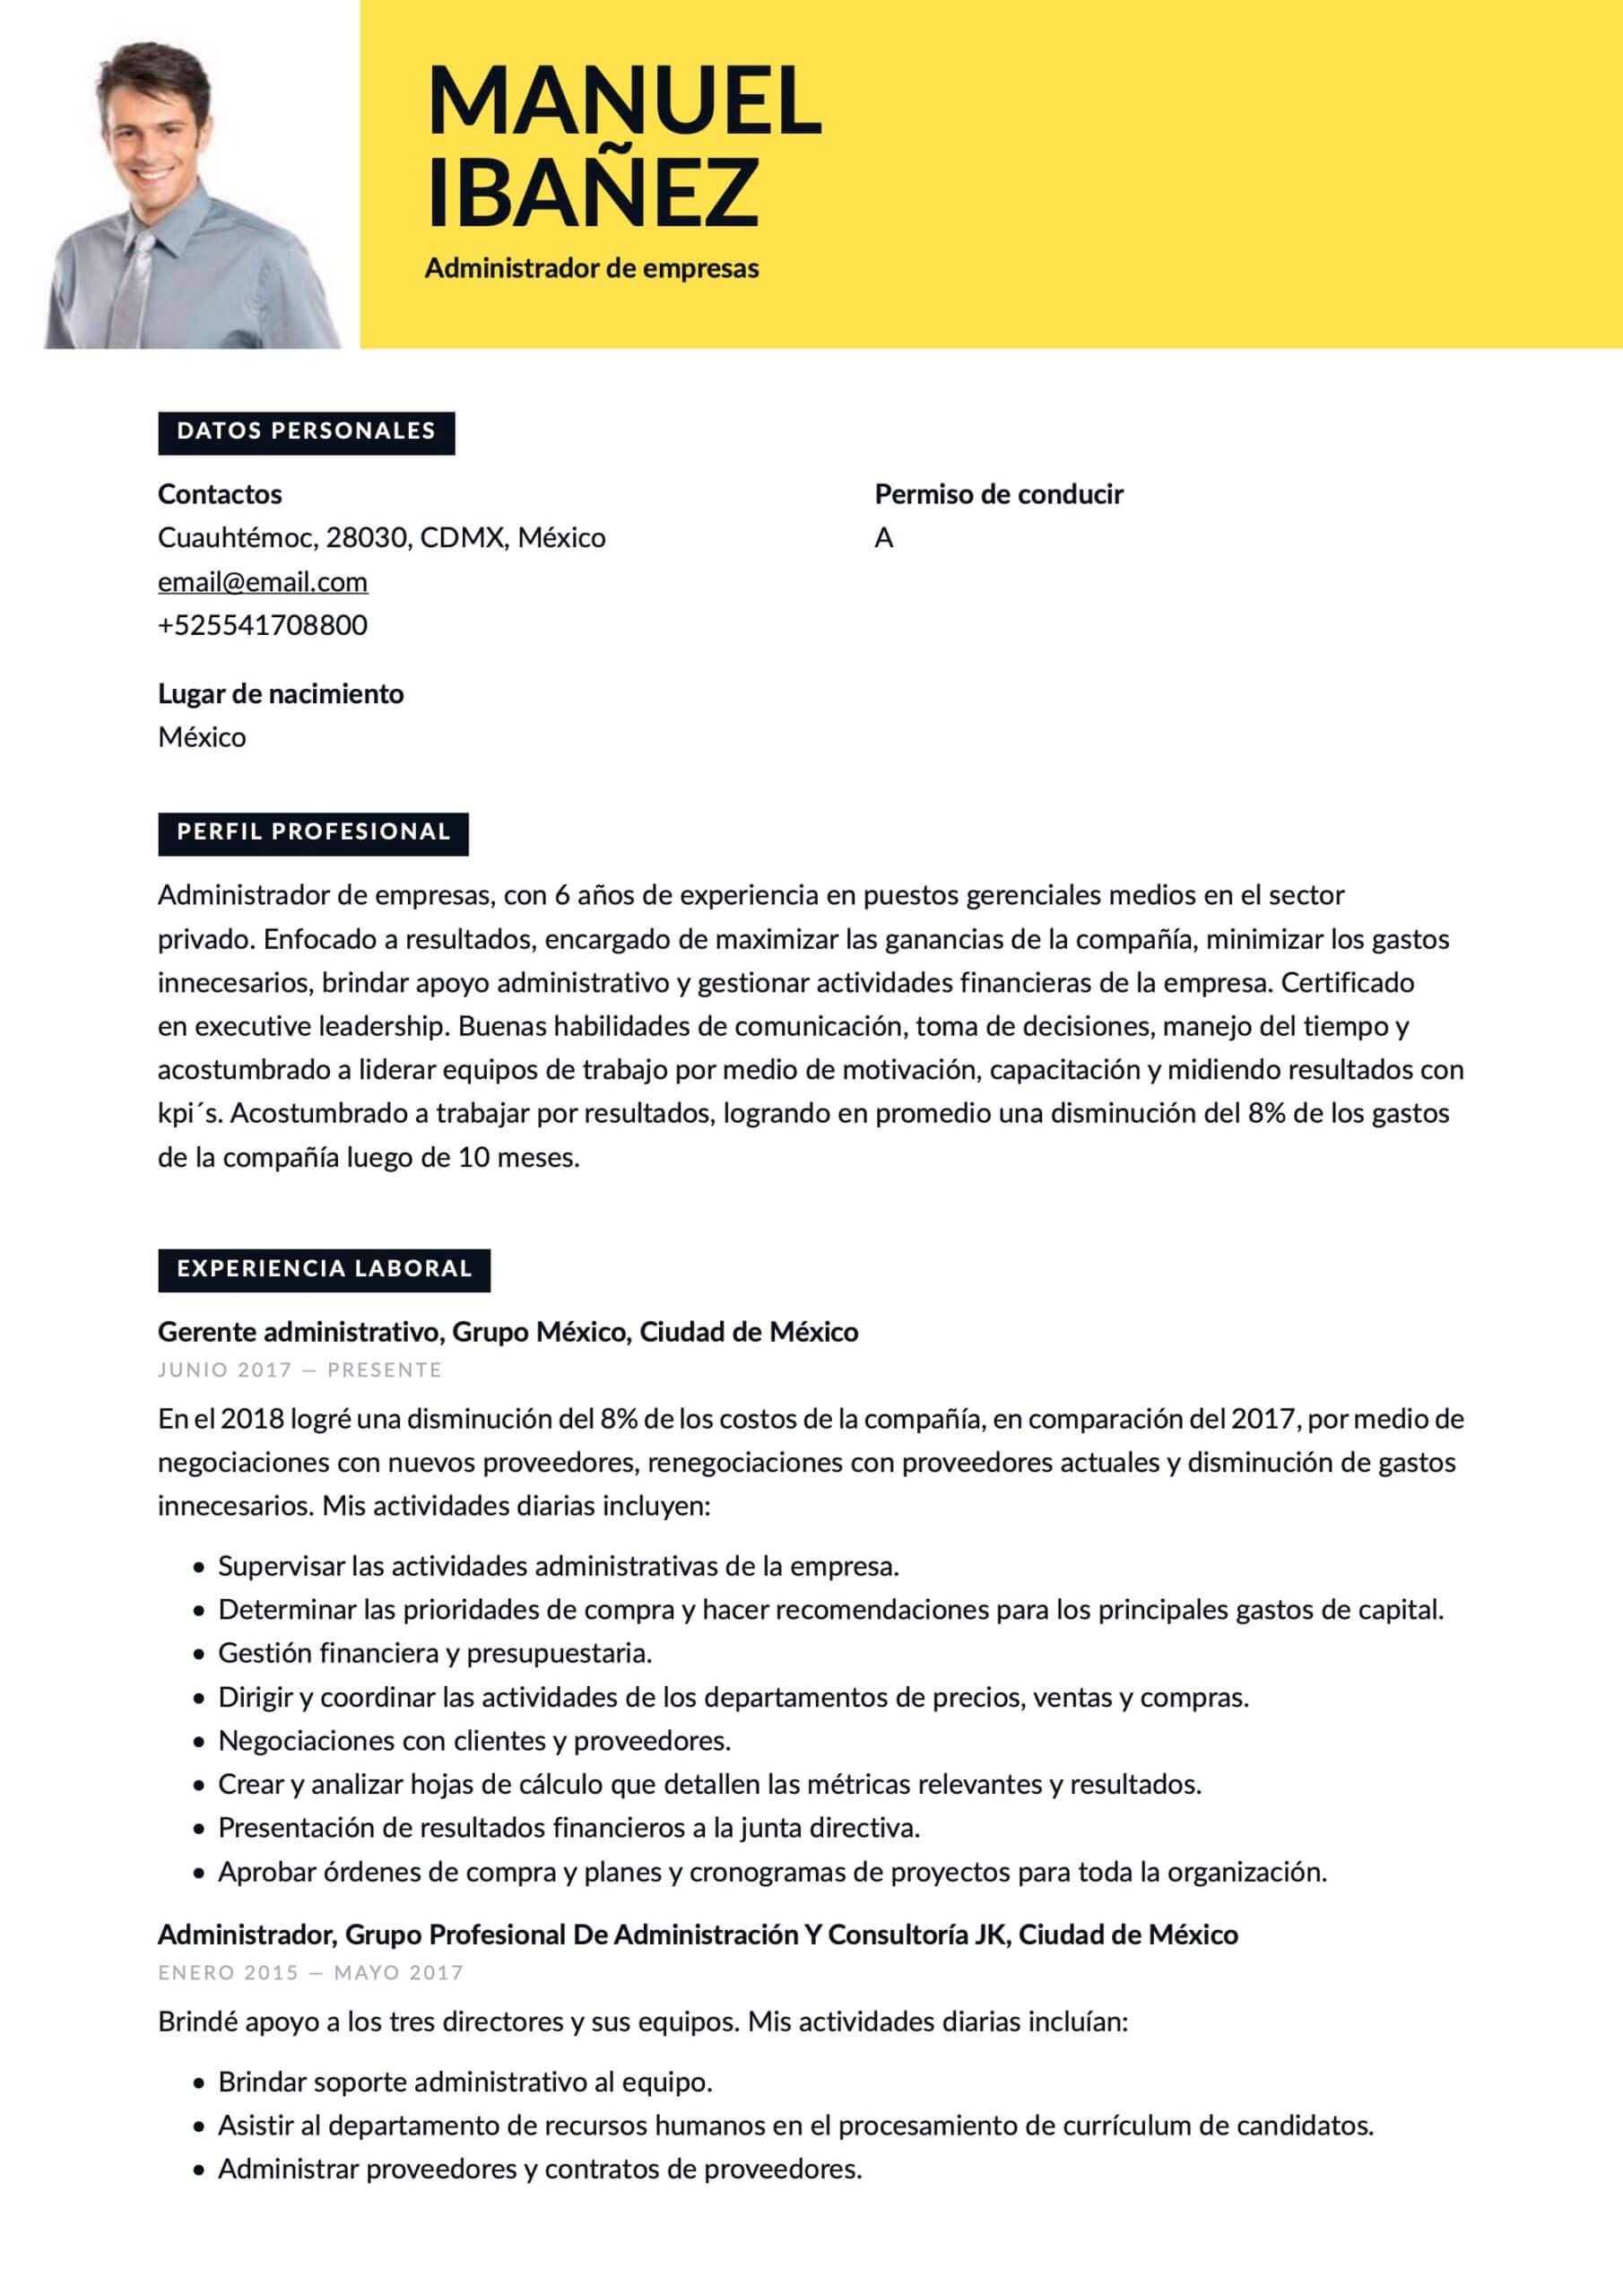 Currículum para Administrador de empresas